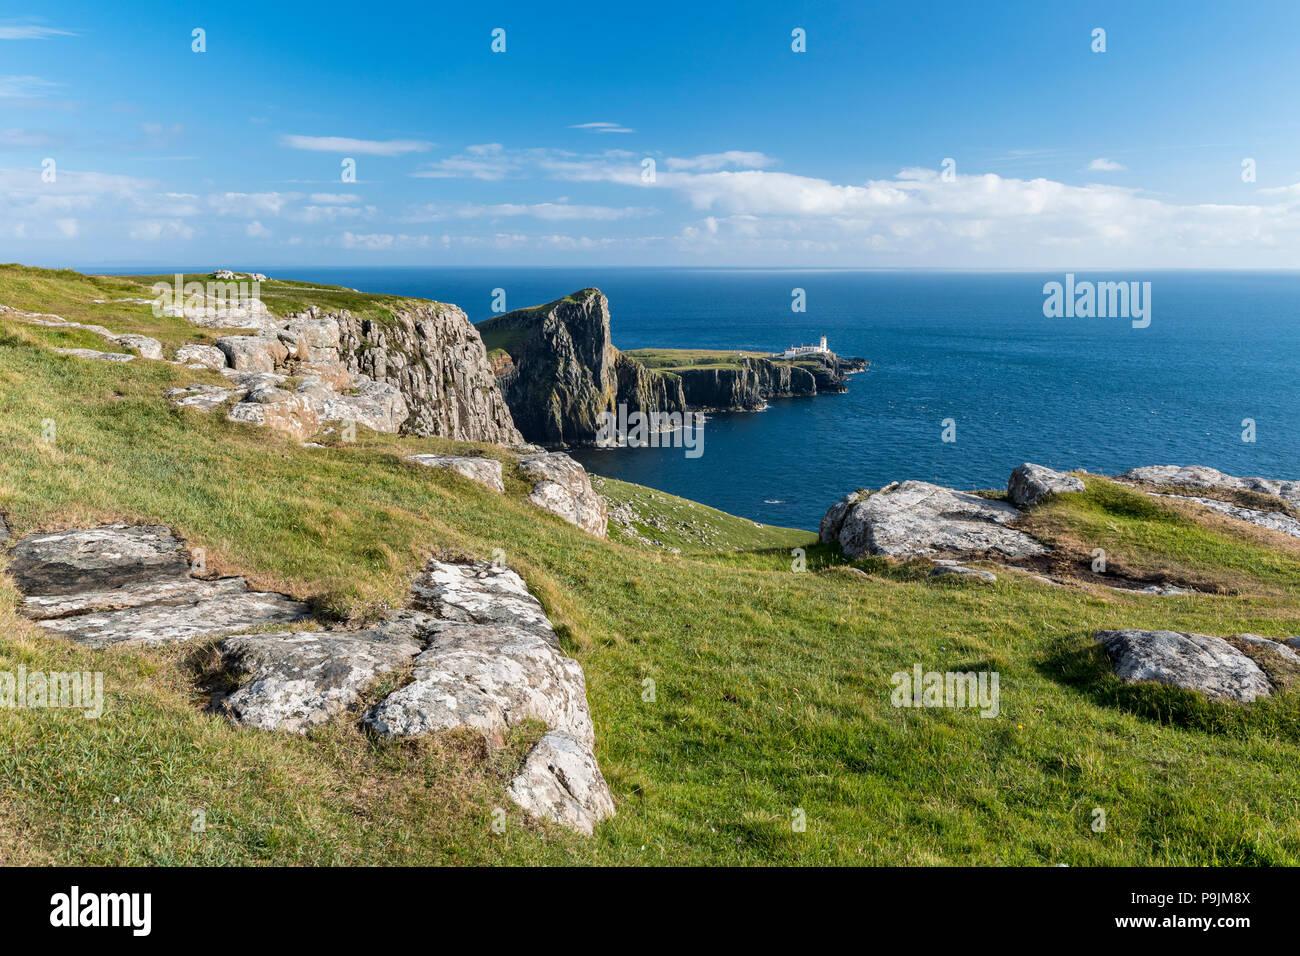 Neist Point, Lighthouse, Isle of Skye, Inner Hebrides, Scotland, United Kingdom - Stock Image